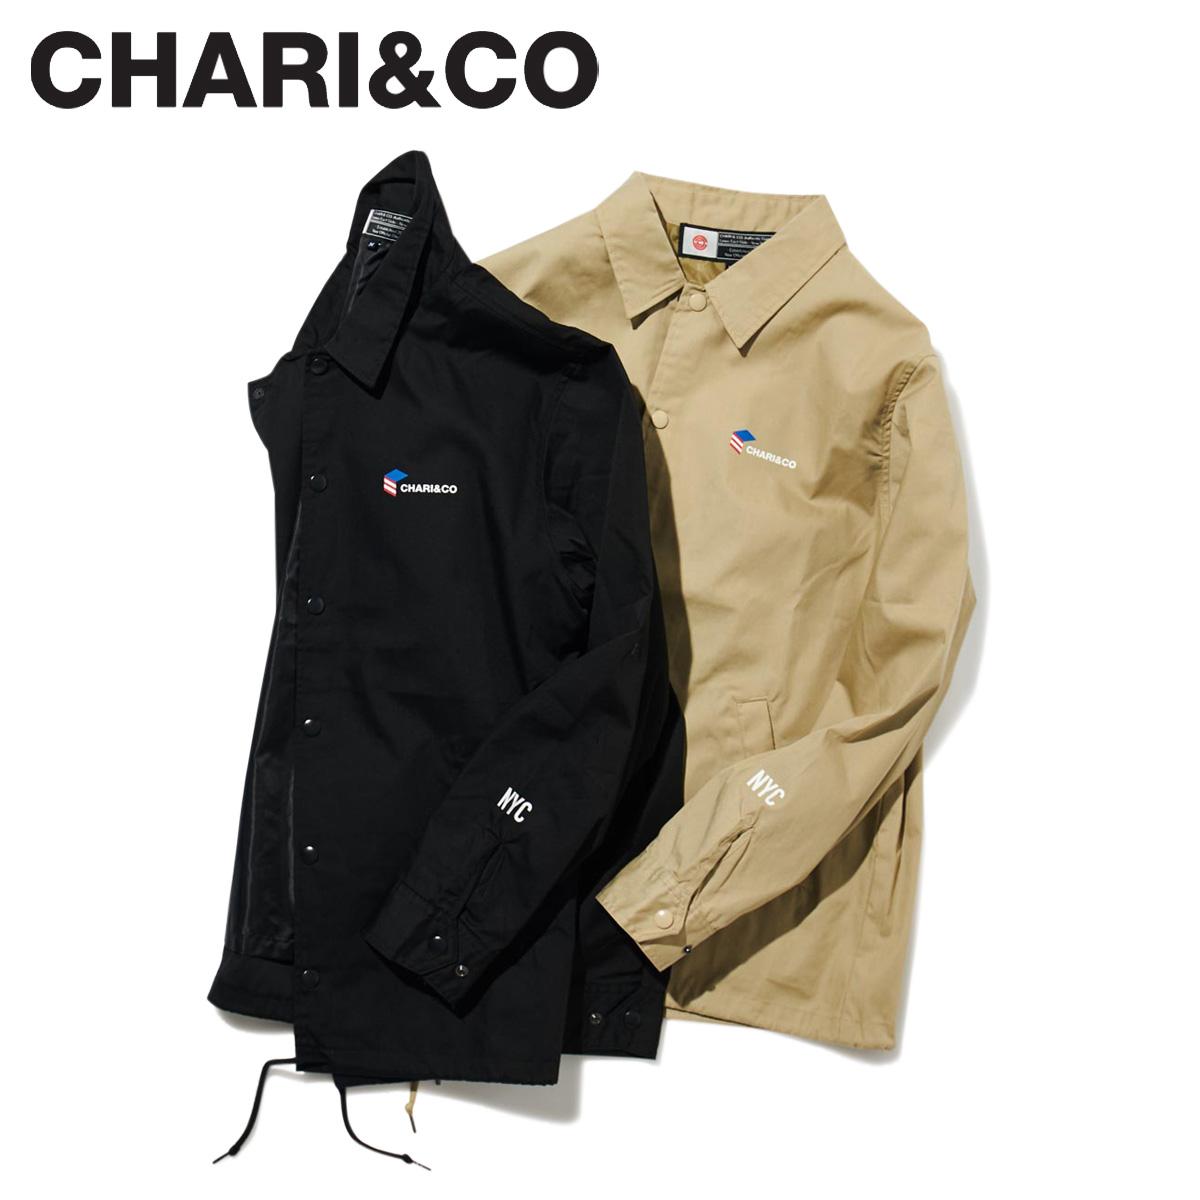 【最大2000円OFFクーポン】 CHARI&CO チャリアンドコー ジャケット コーチジャケット メンズ USA BOX COACH JKT ブラック ベージュ 黒